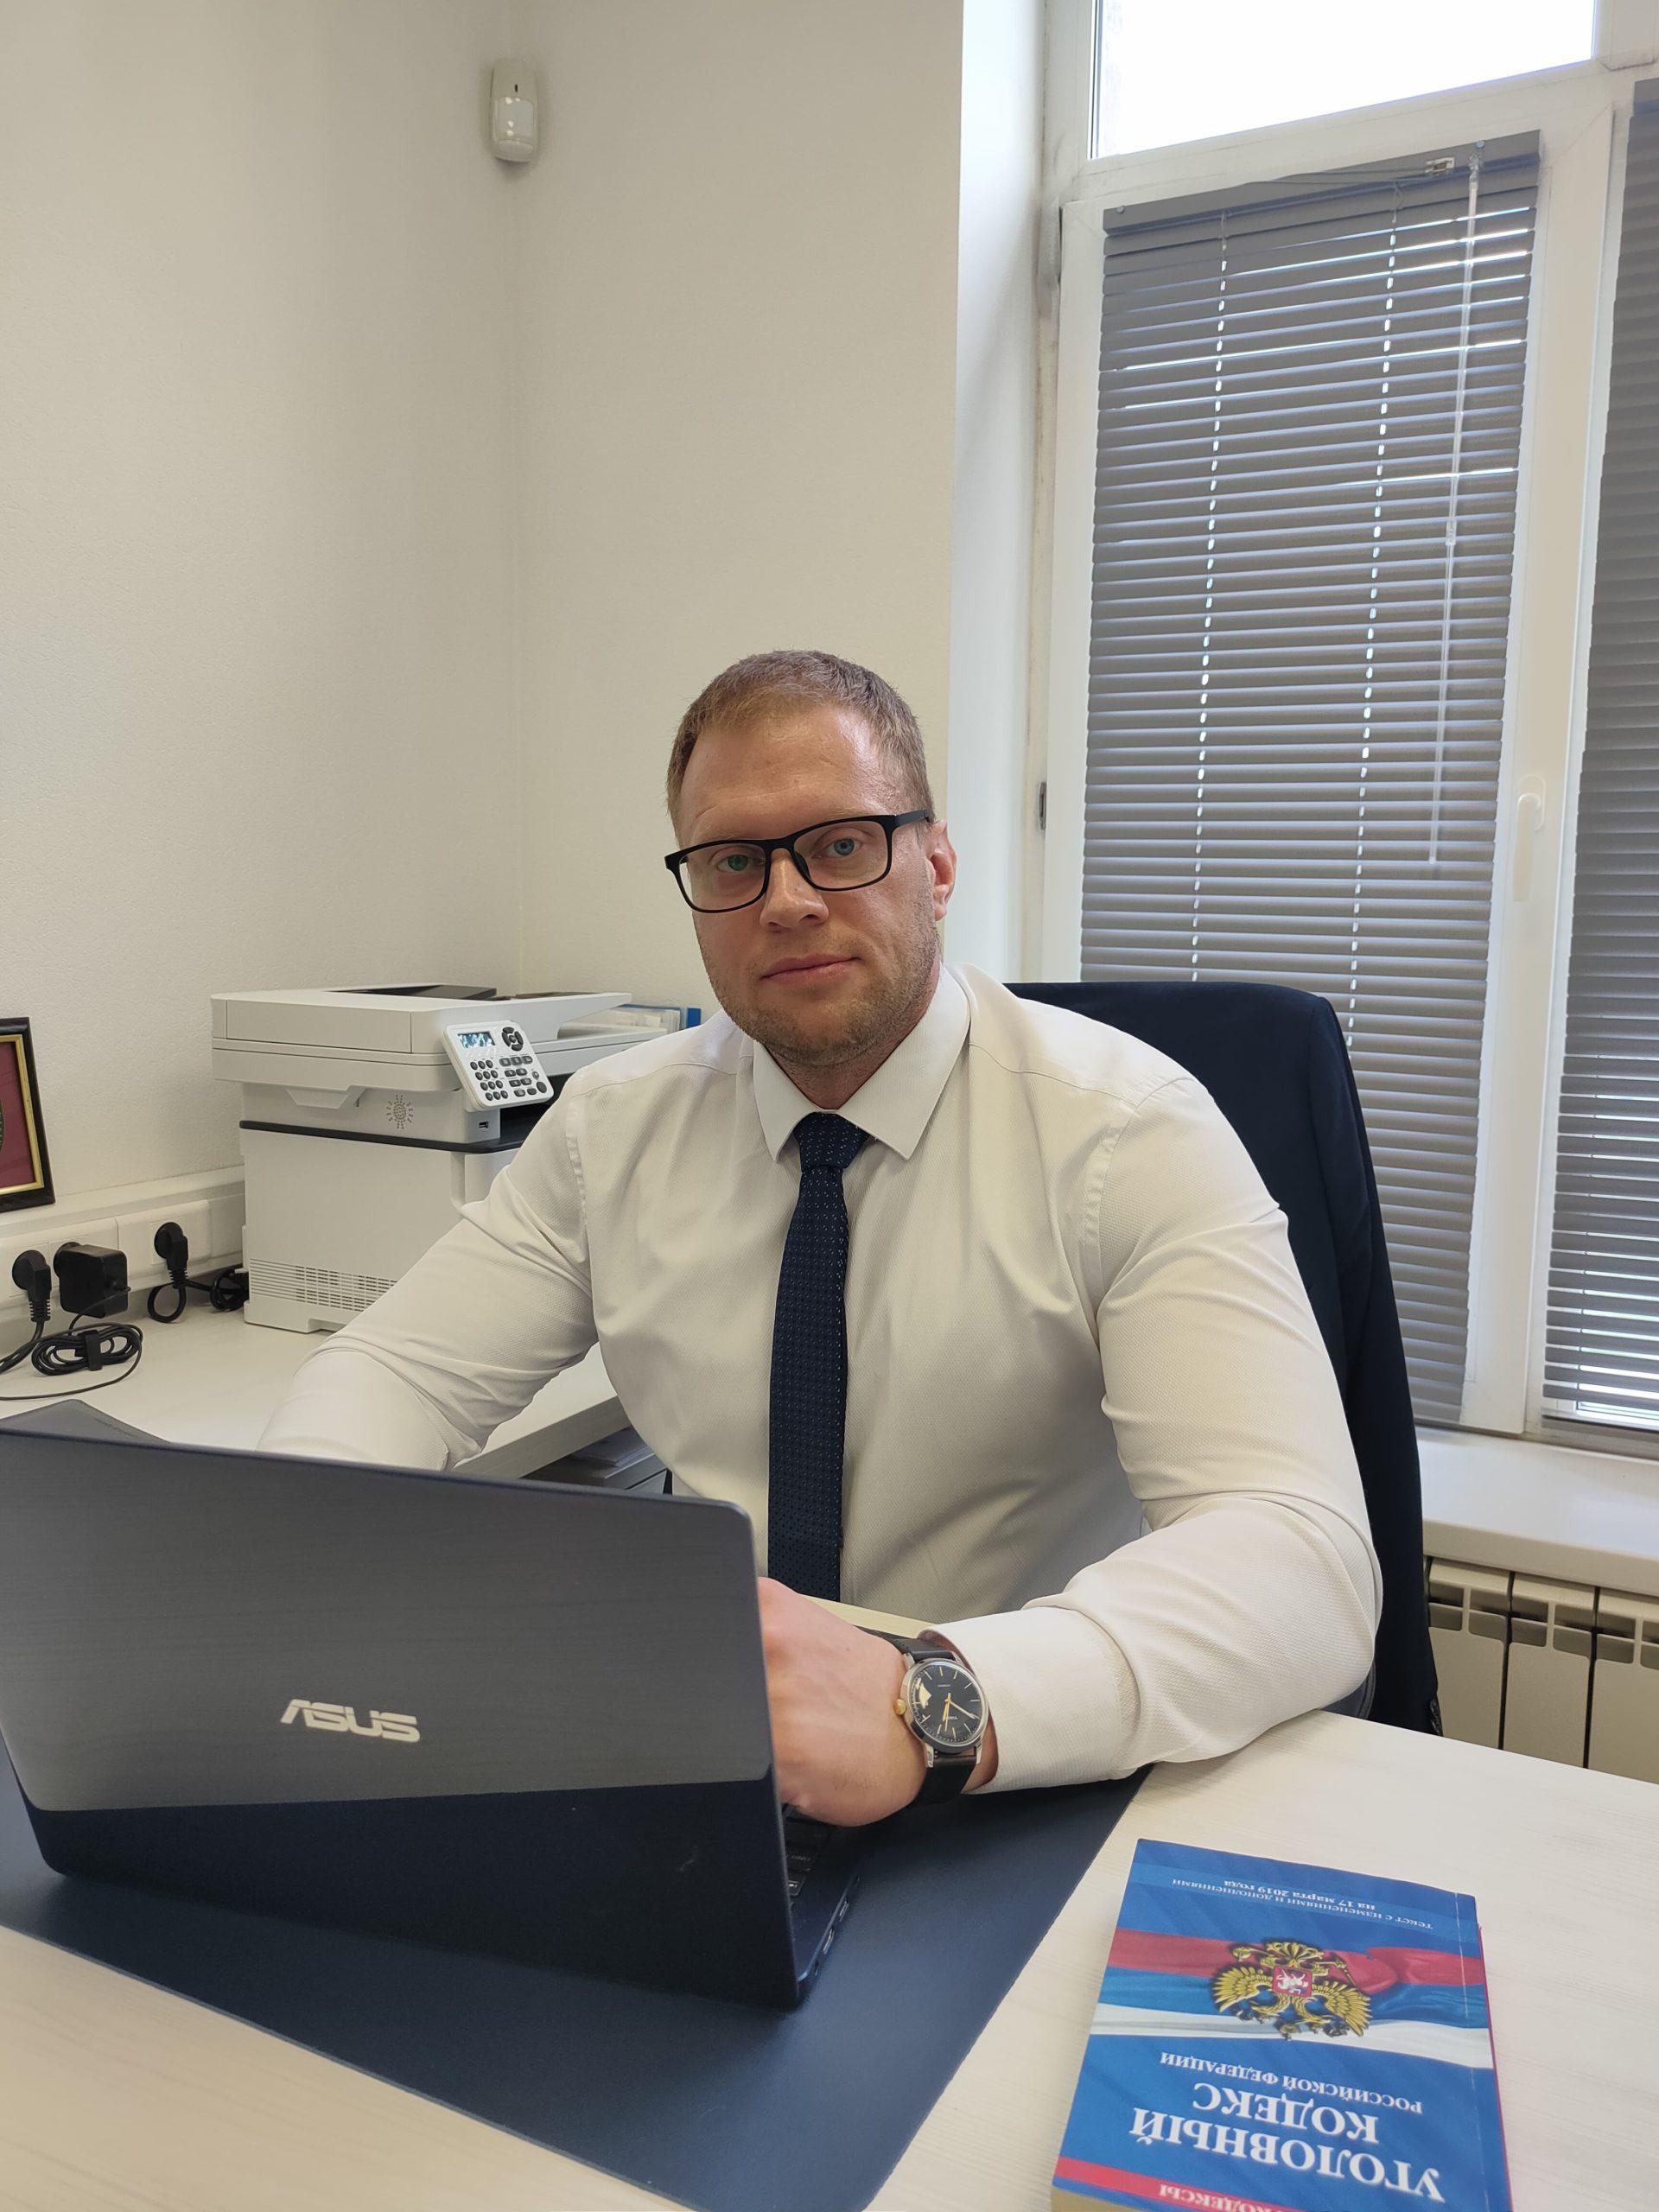 Адвокат по наркотикам в Красногорске Зуев Андрей Валерьевич